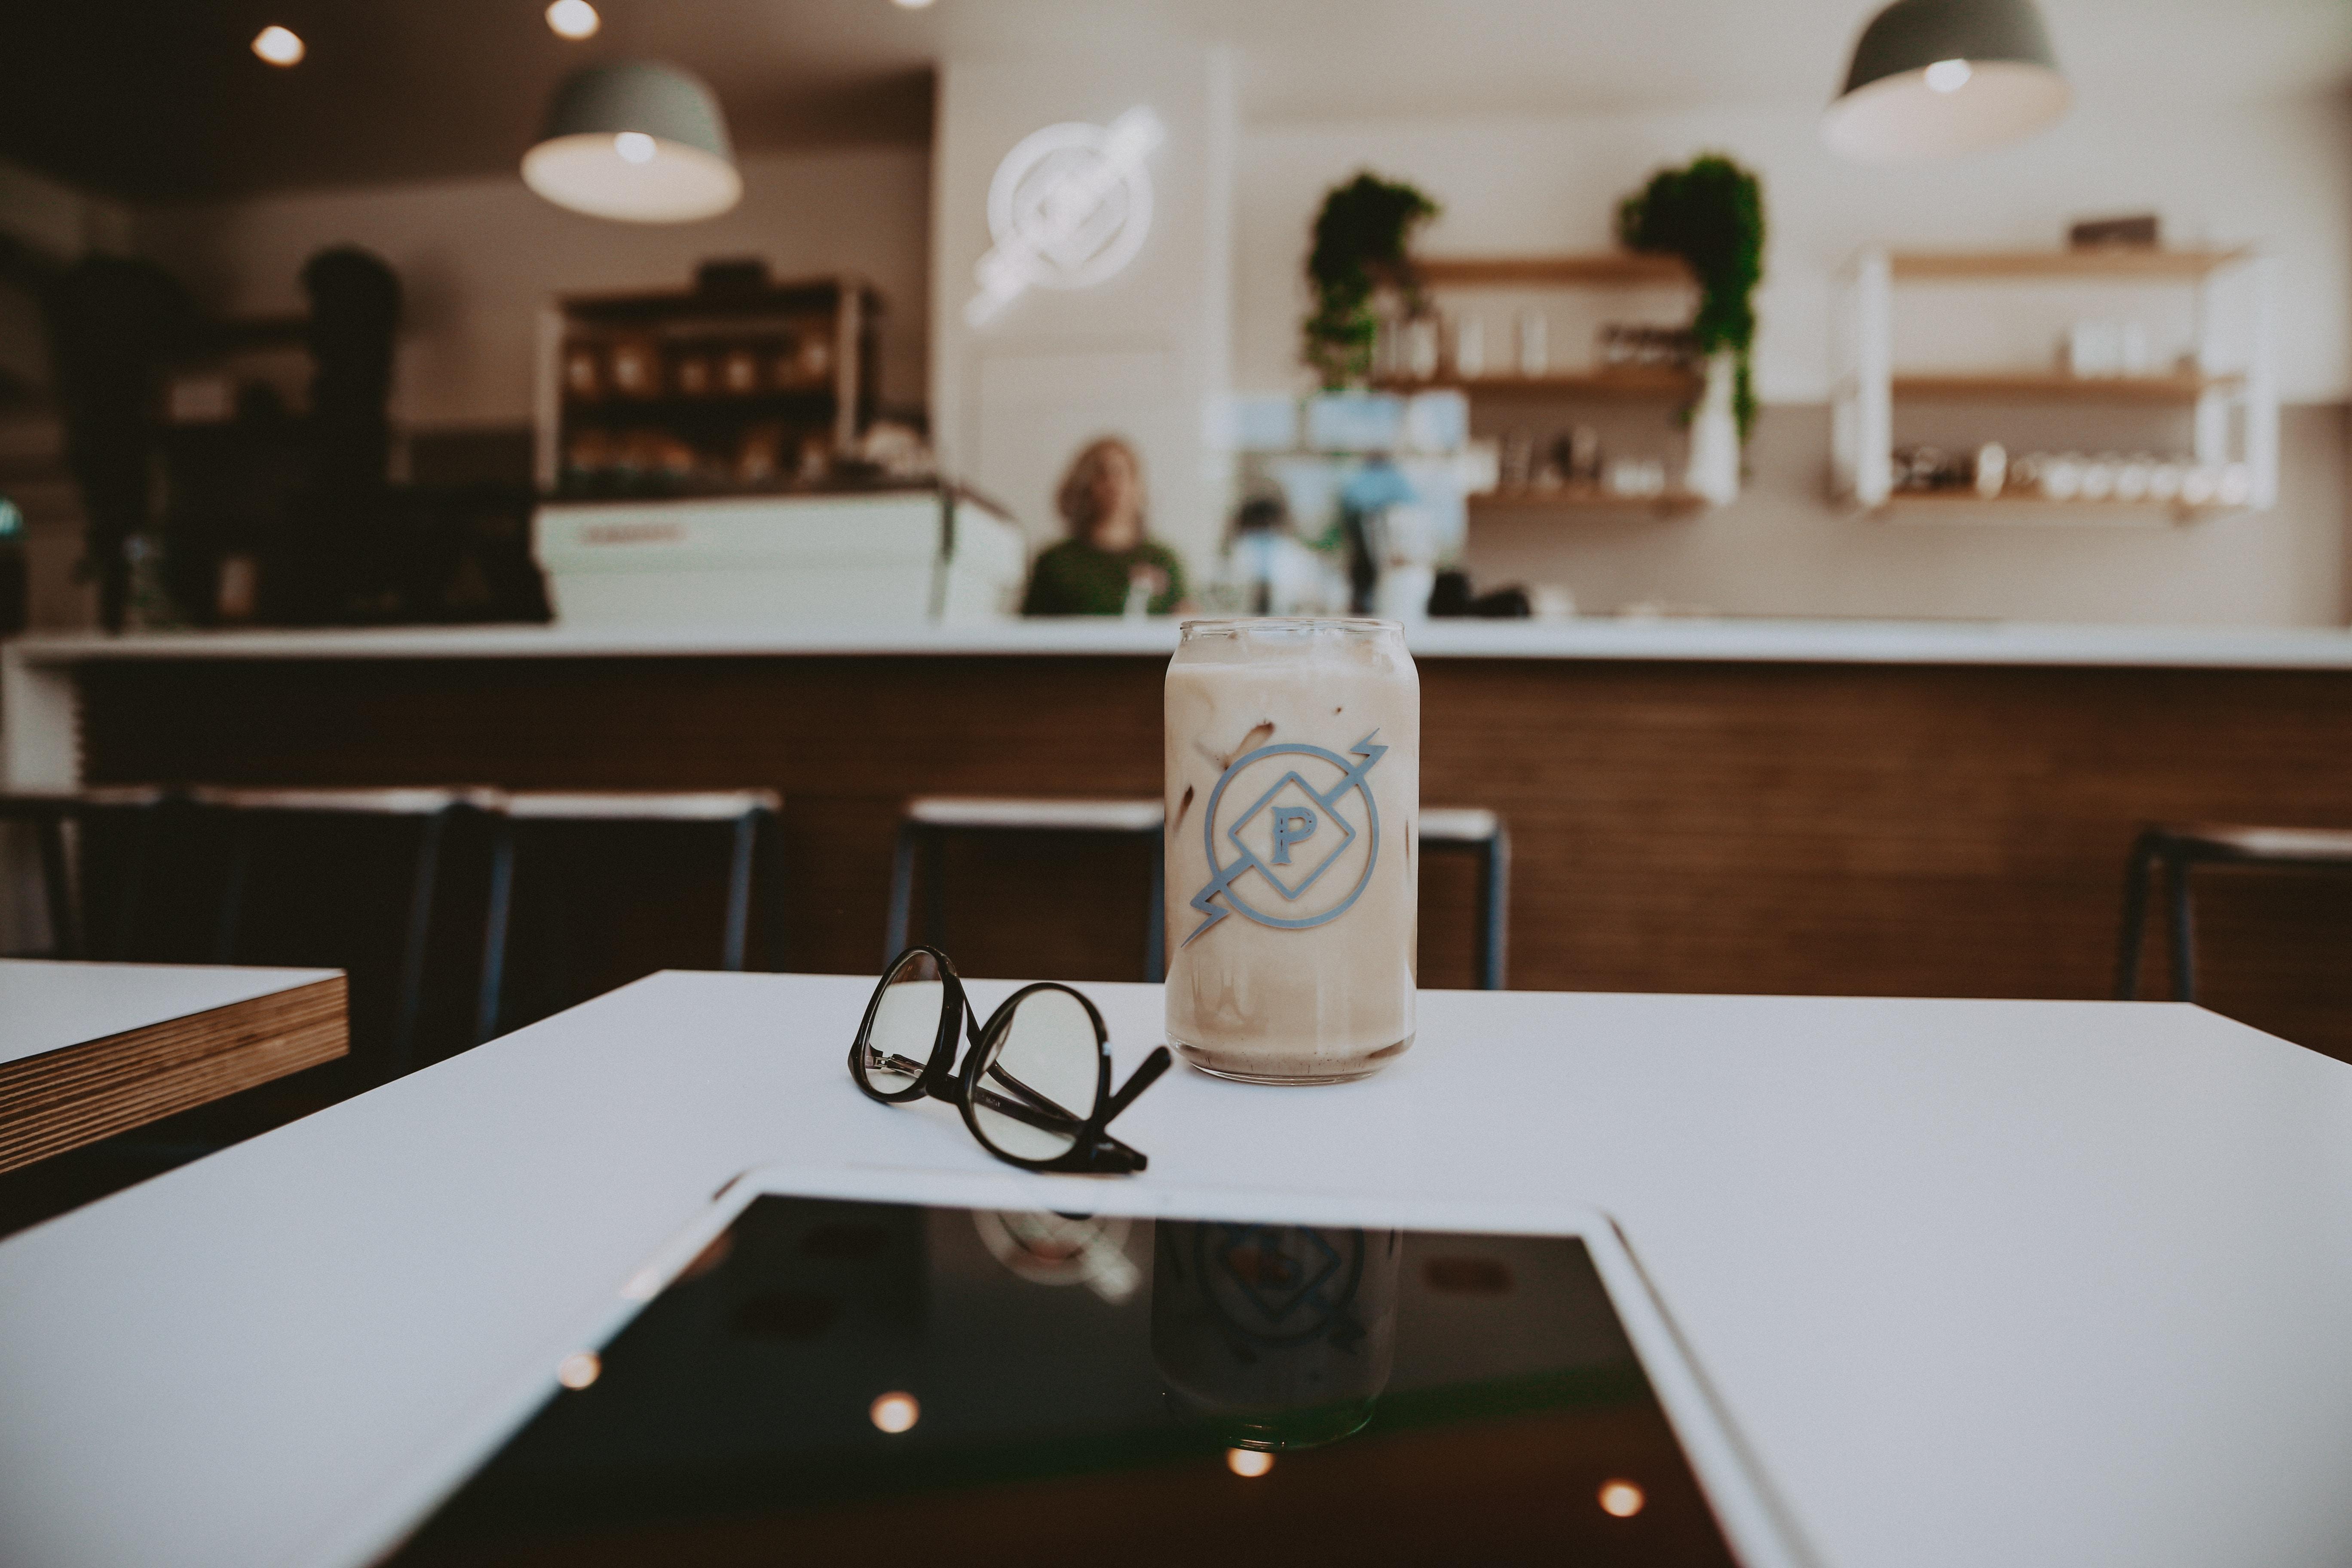 black framed eyeglasses beside glass cup on white wooden table